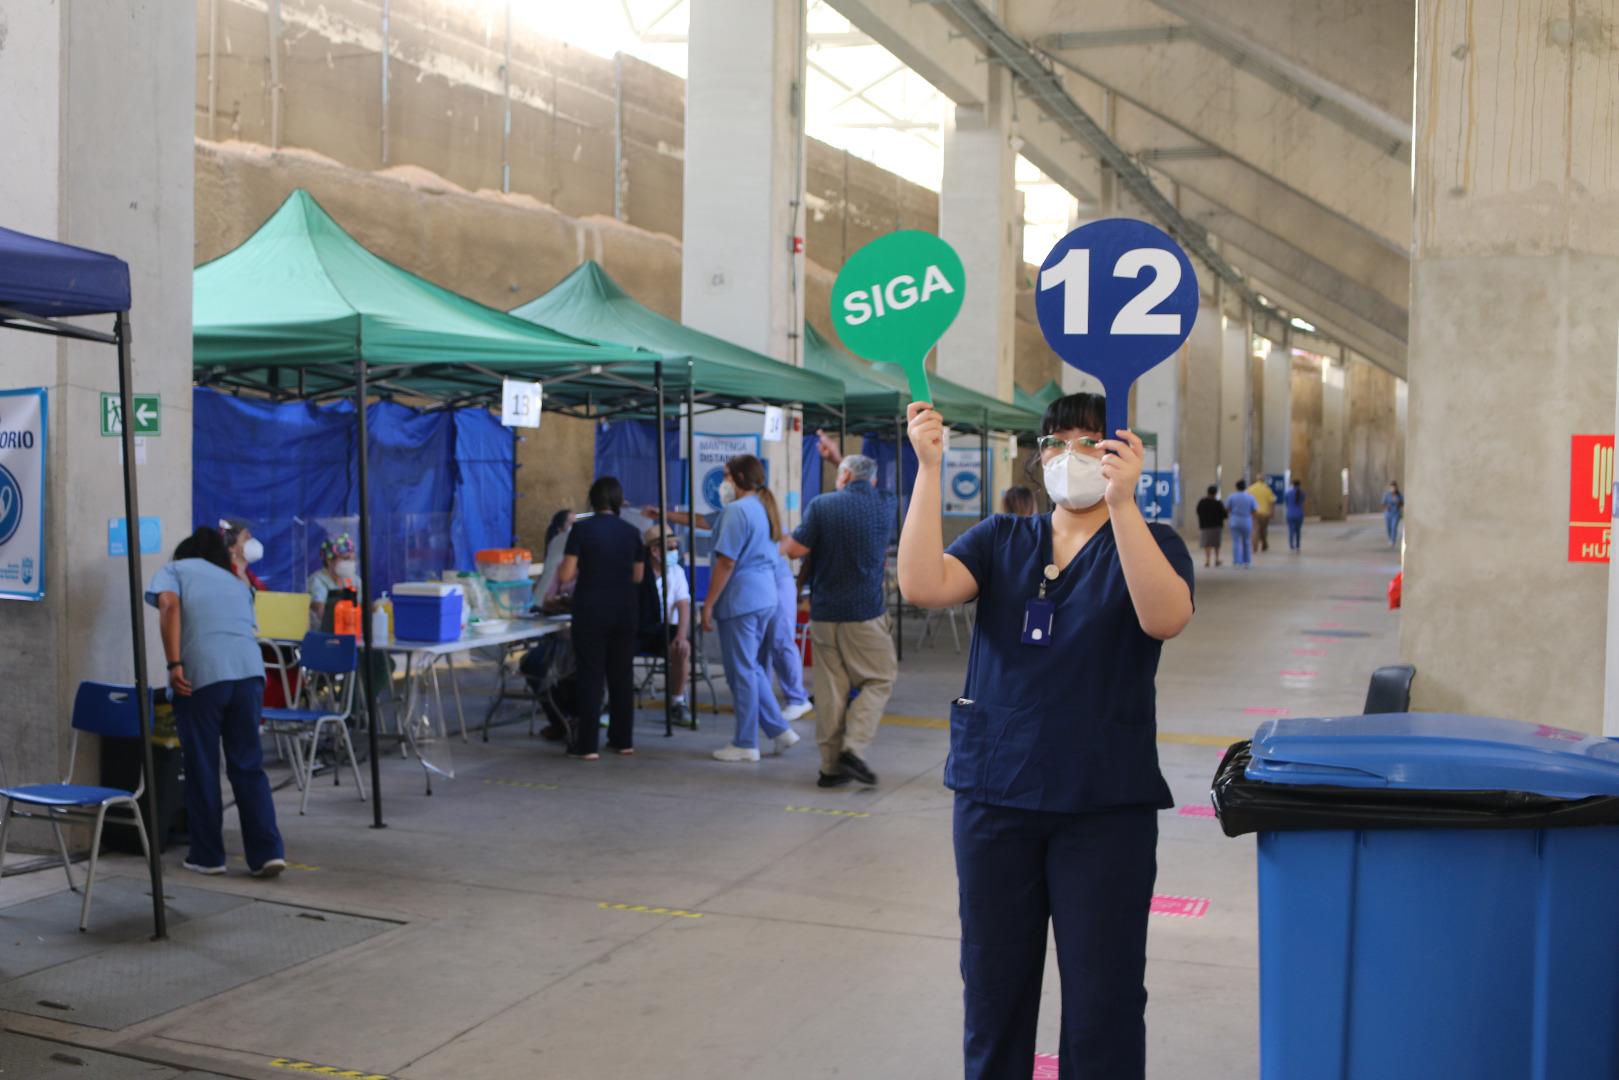 Vacunatorio contra el COVID-19 del Estadio Municipal Tierra de Campeones funcionará este sábado 08 de mayo